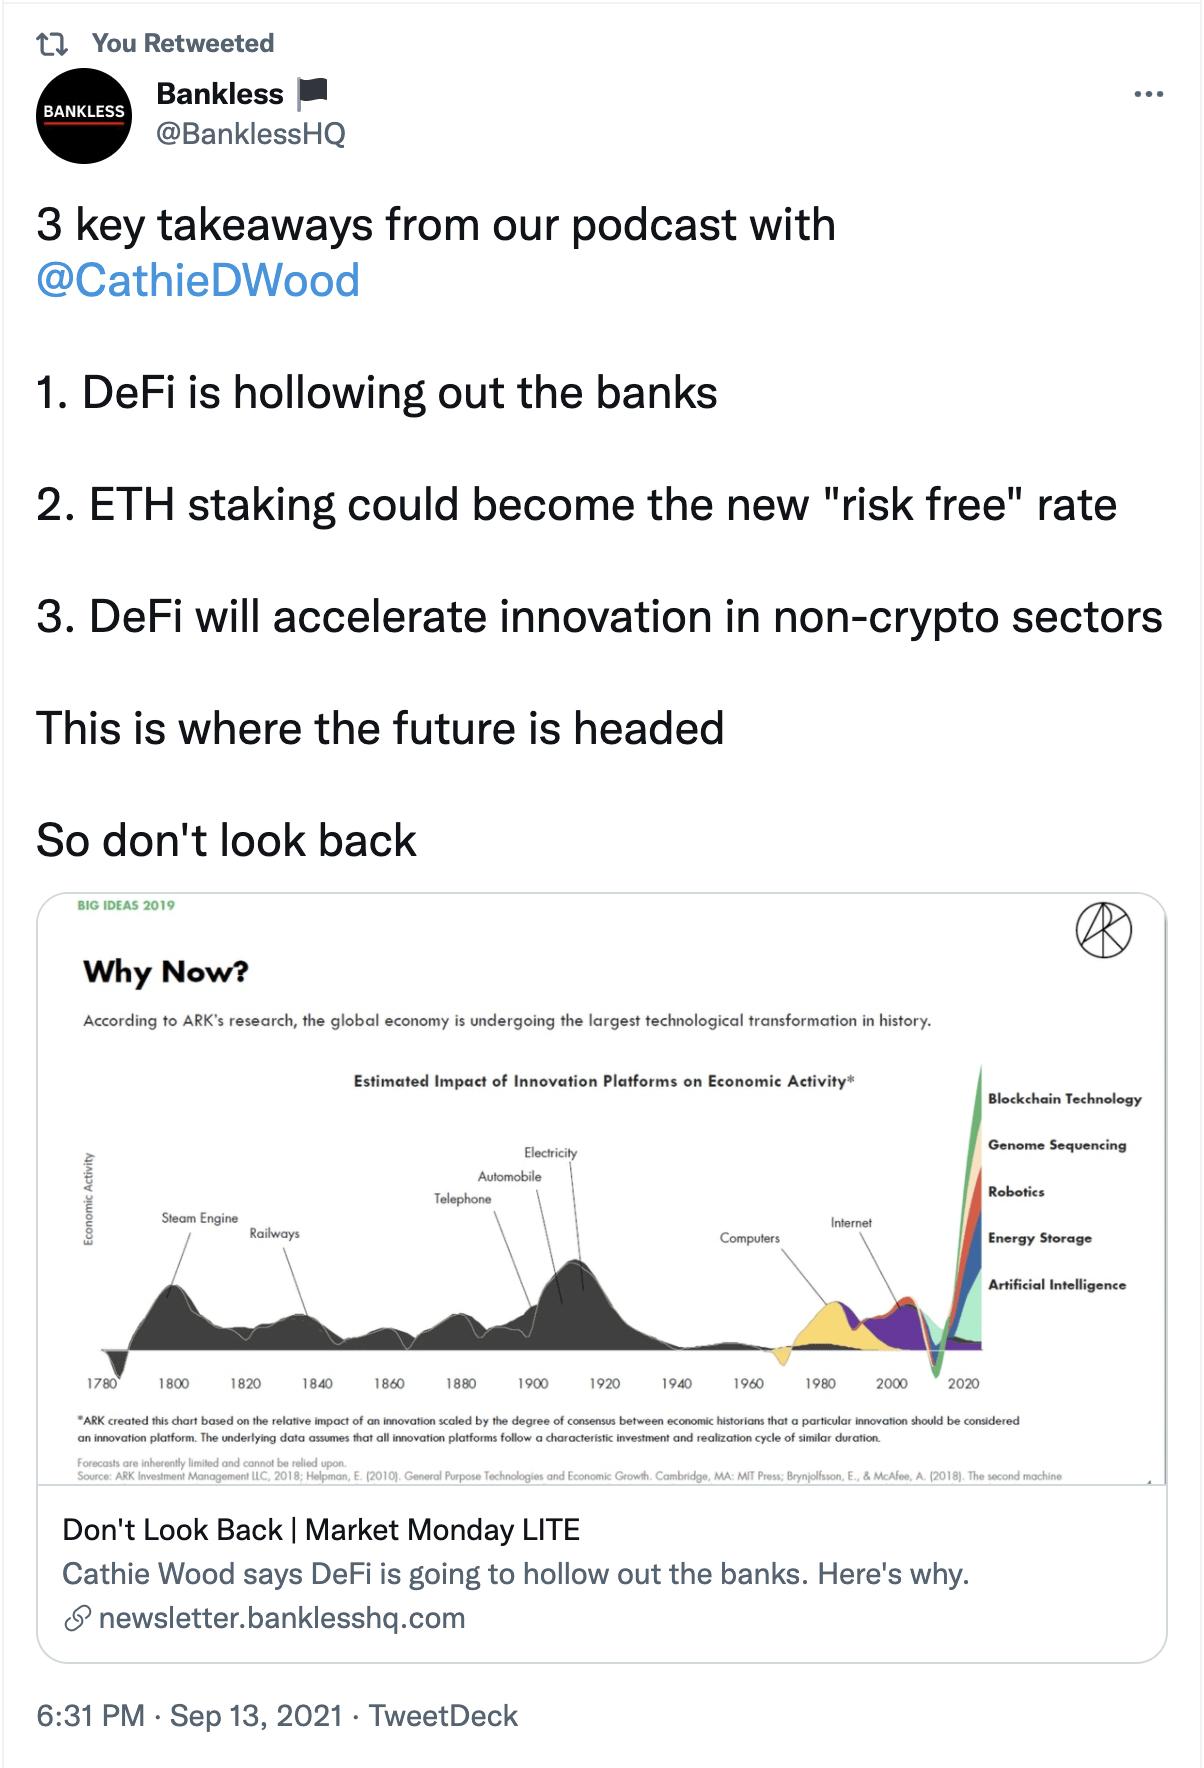 Bankless tweet